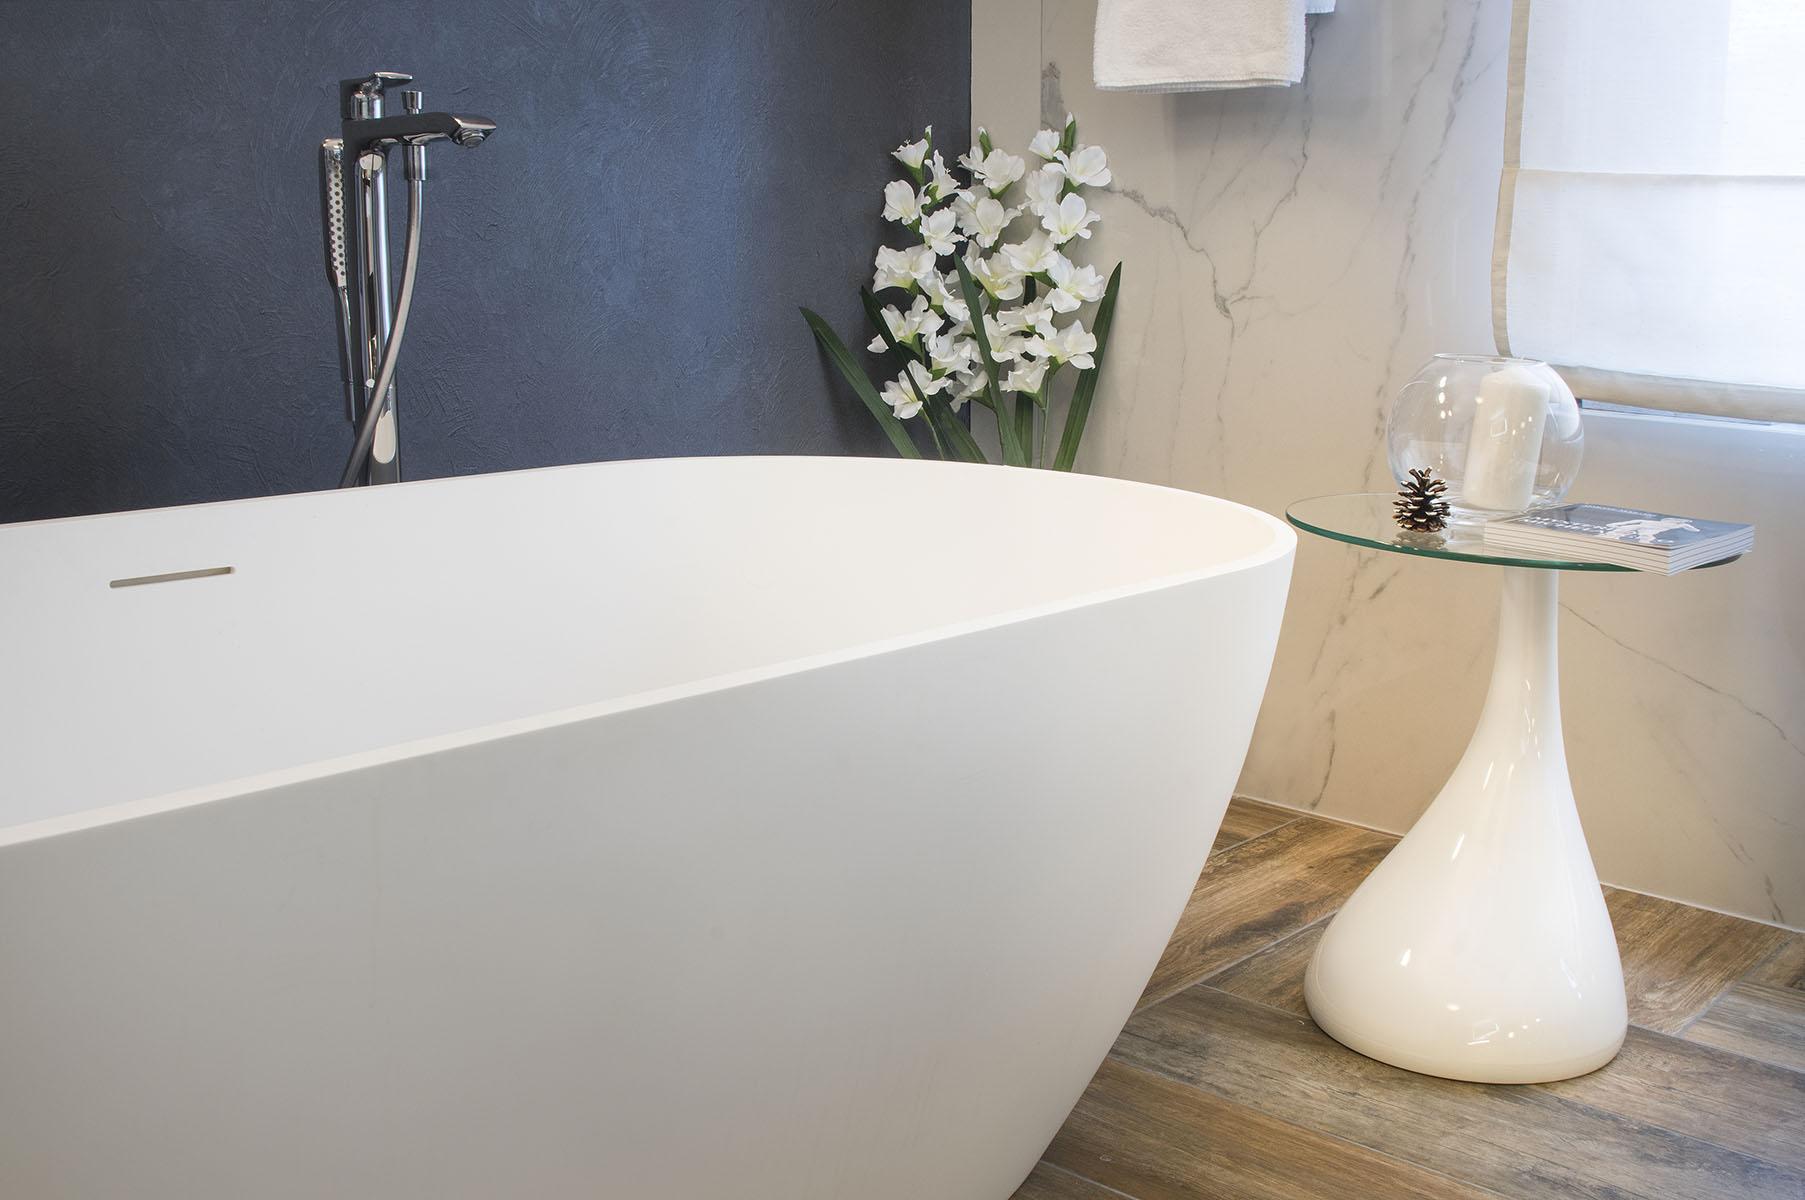 Koupelna s obklady v imitaci kamene 1